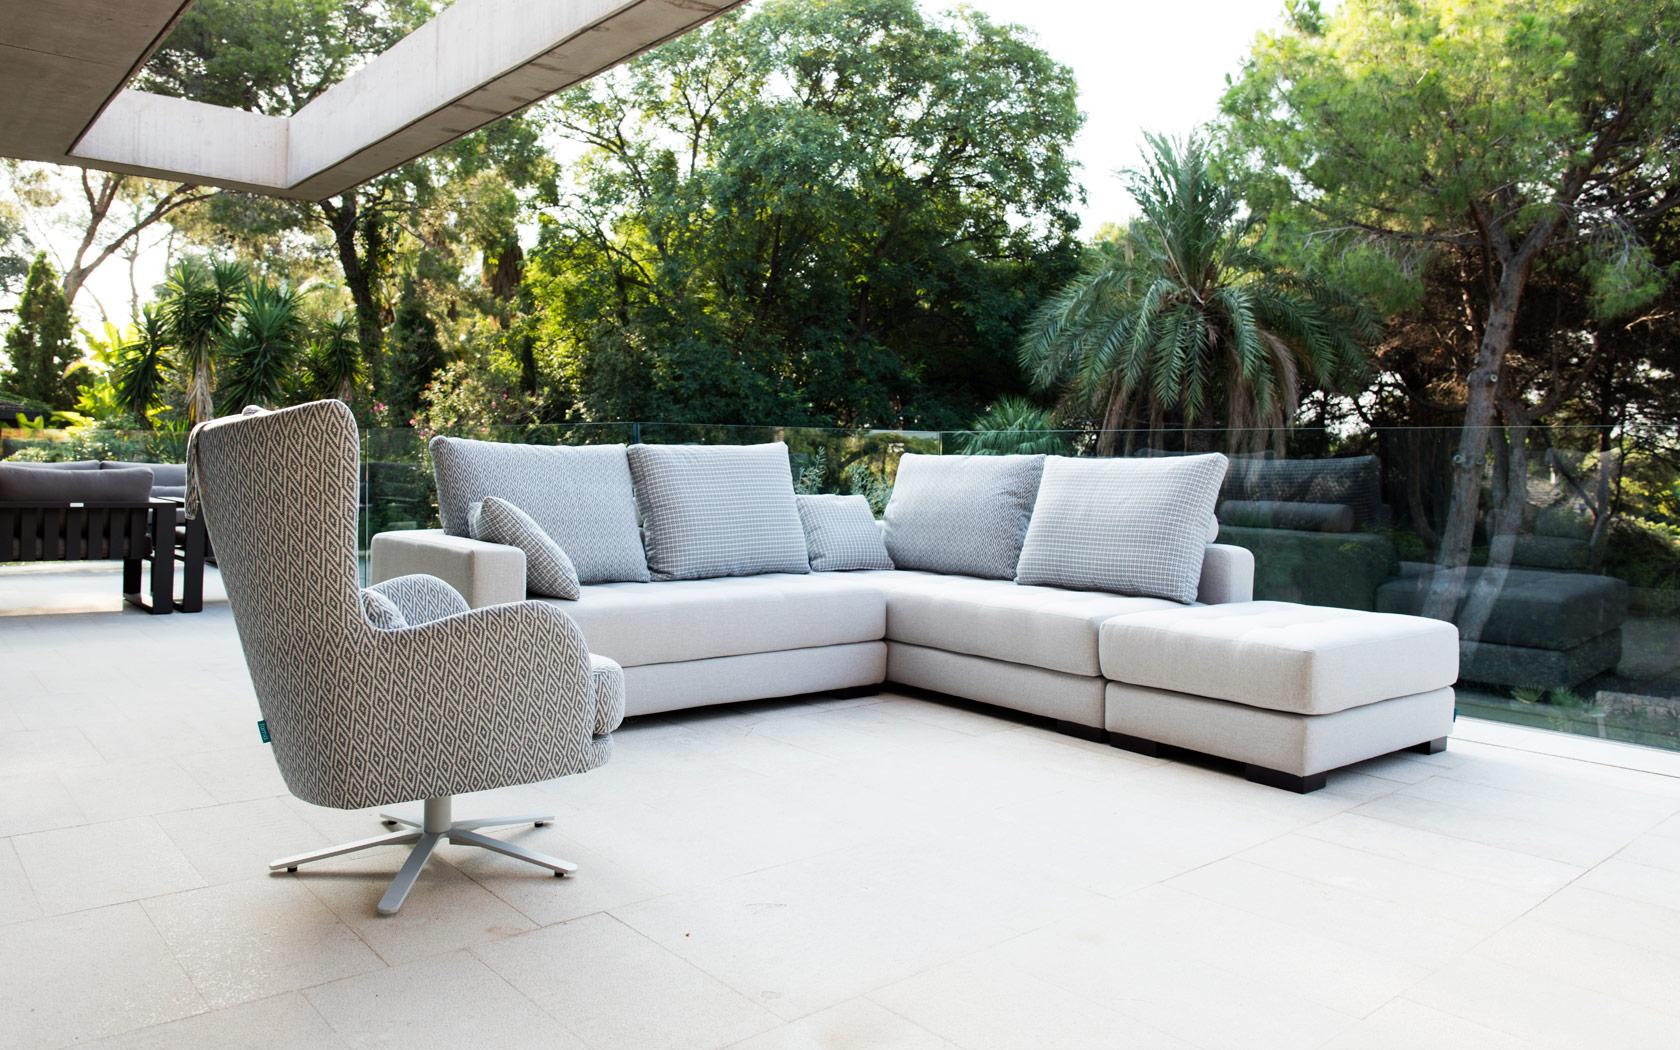 Manacor sofa Fama 2020 02